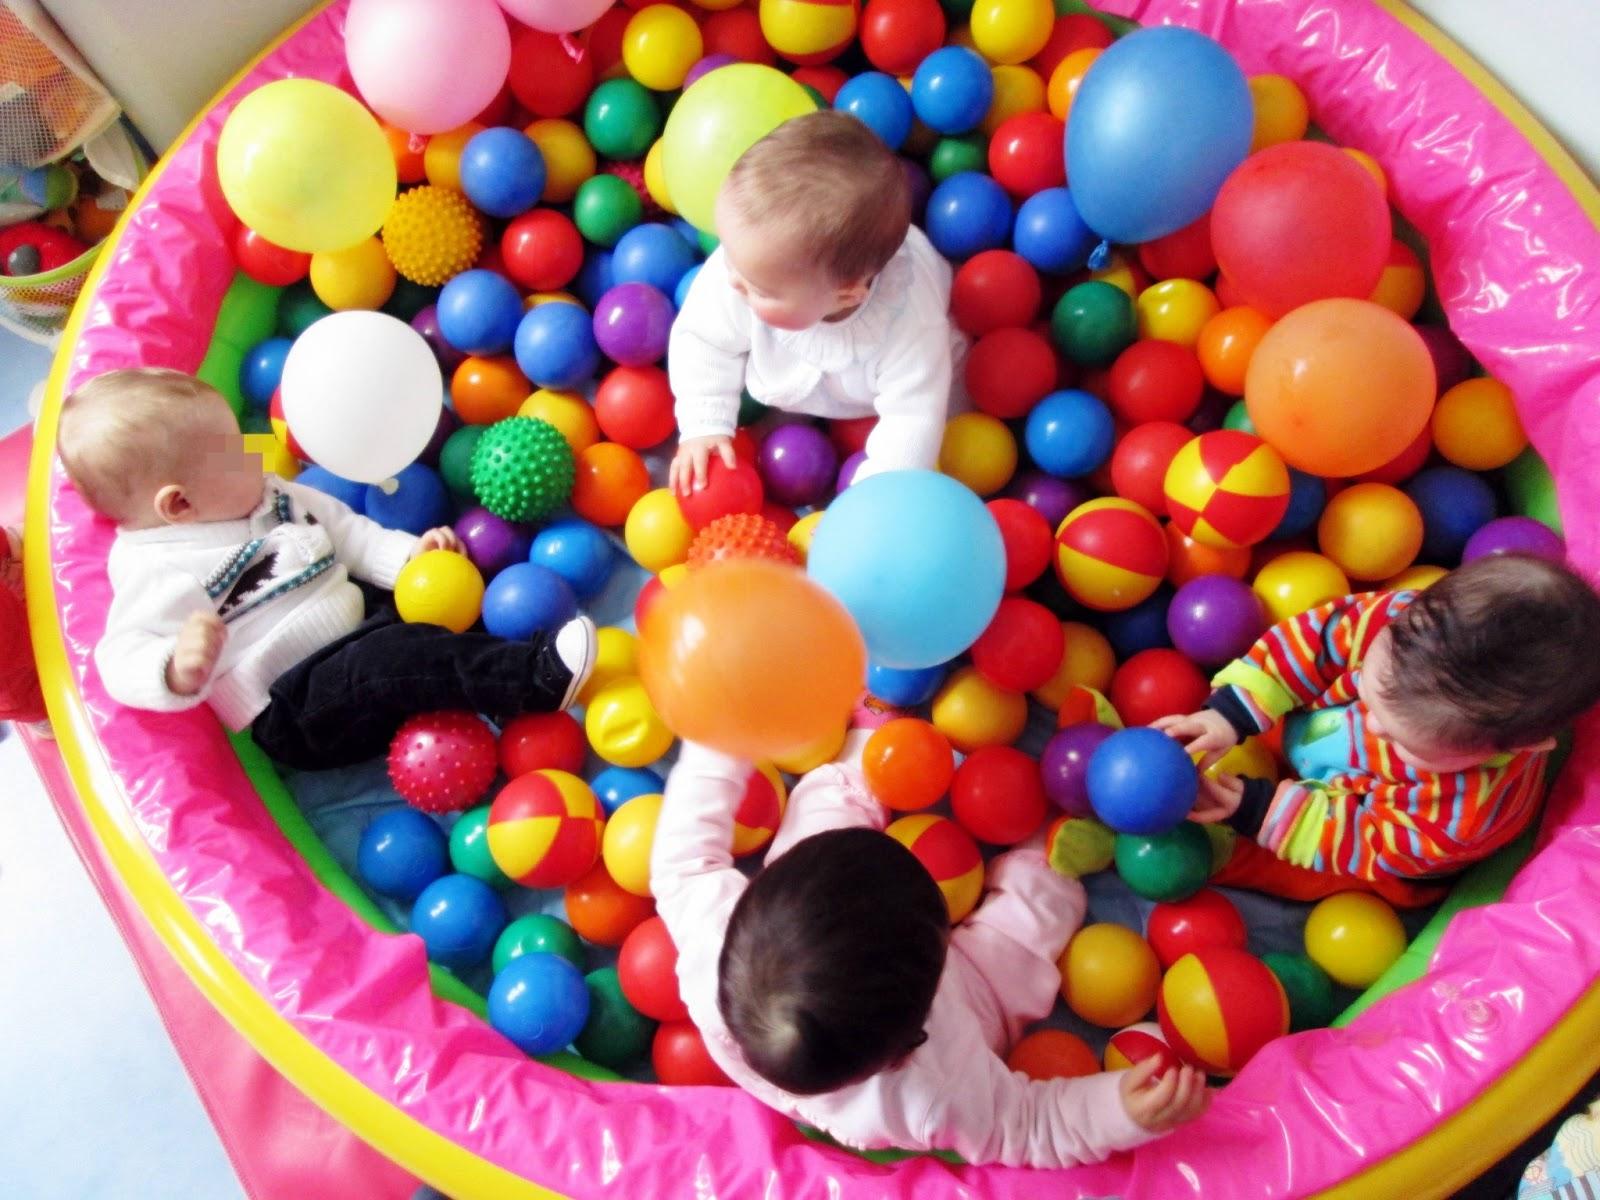 Sala dos beb s bolas e bal es for Piscinas de bolas para bebes